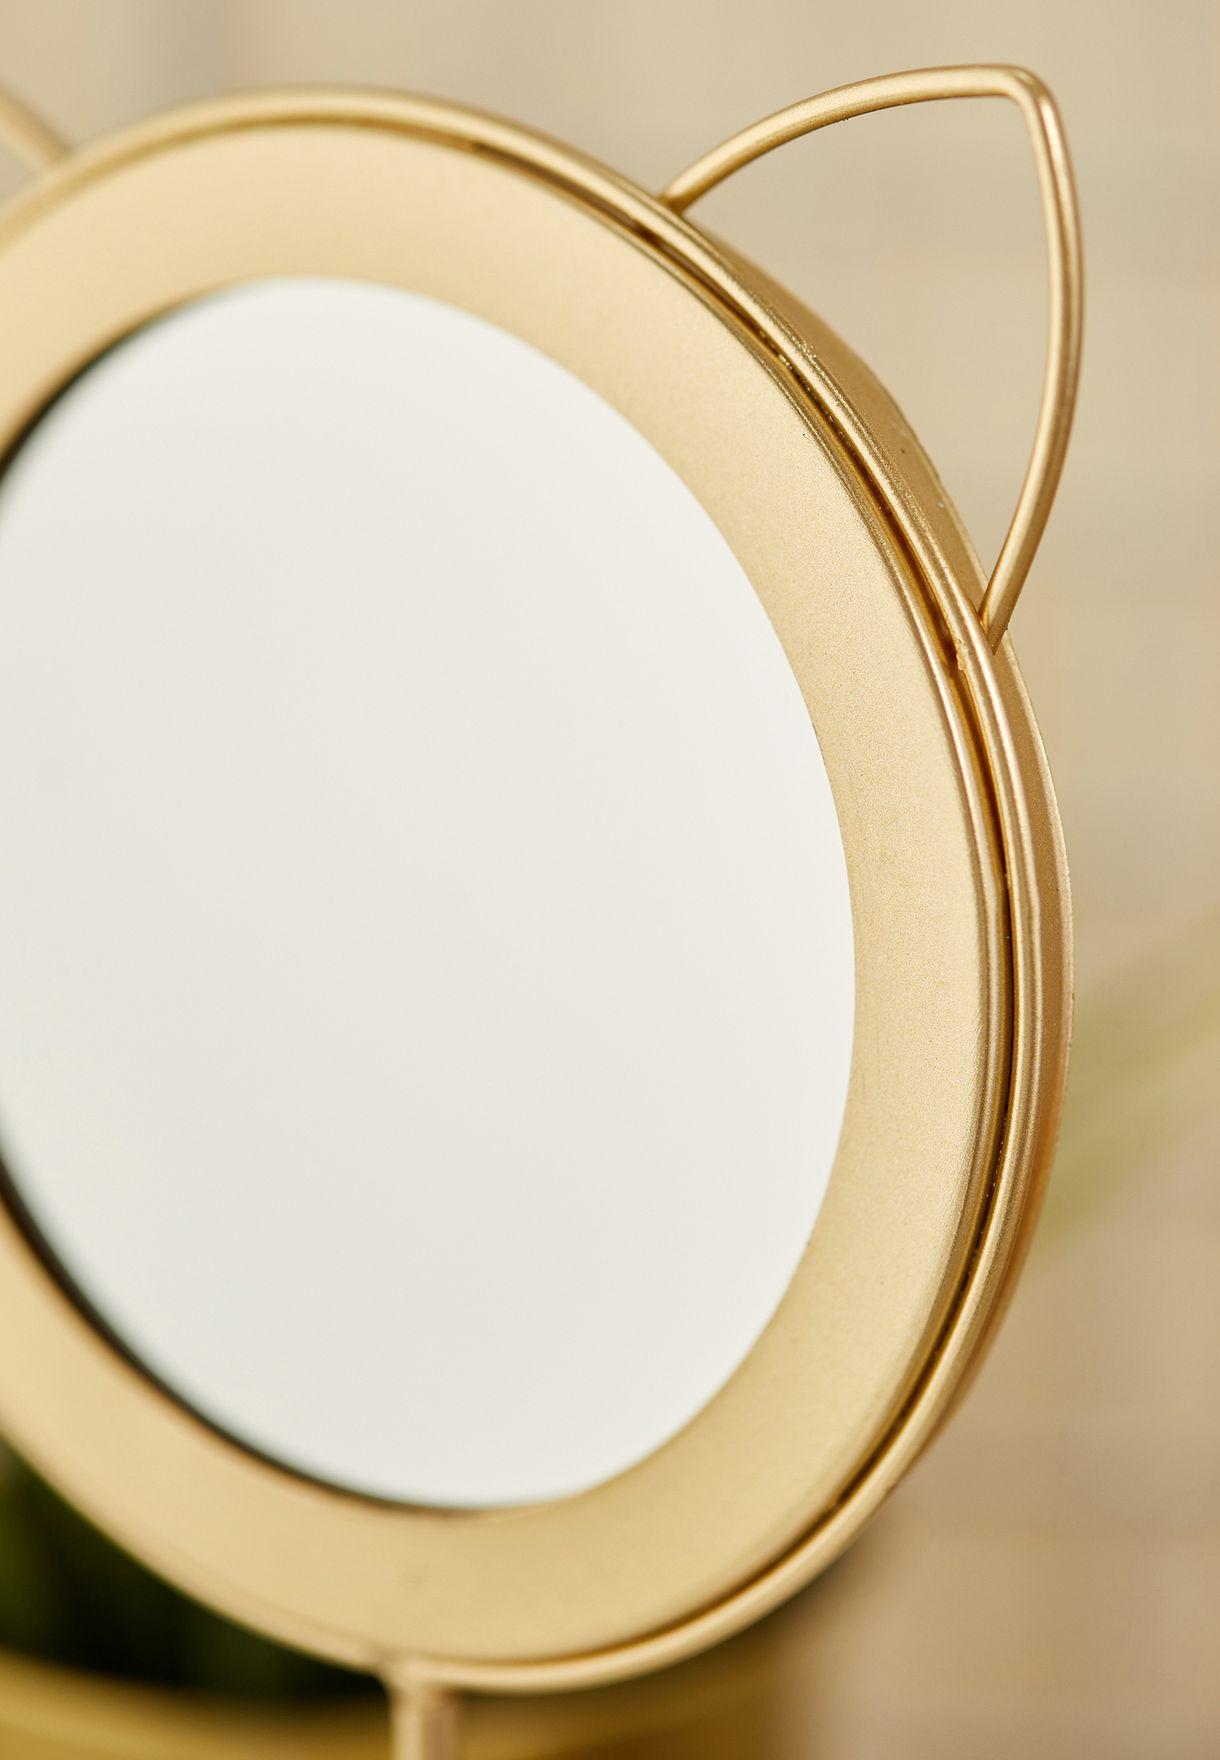 مرآة مزينة بأذني قطة